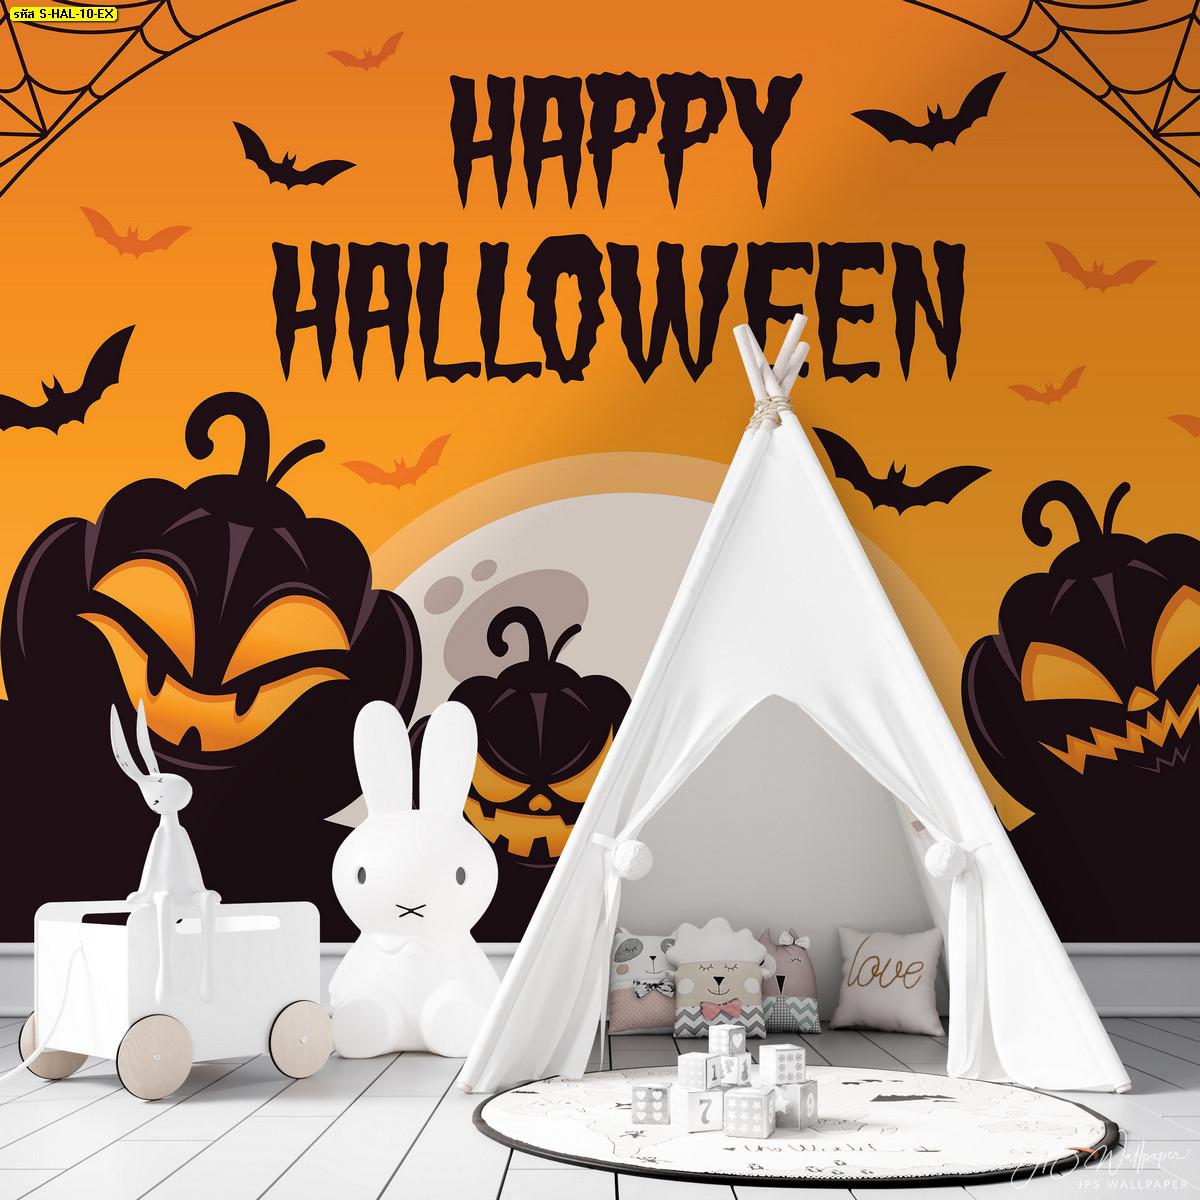 สุขสันต์วันฮาโลวีน ฉากหลังห้องเด็กวันฮาโลวีน ไอเดียแต่งบ้านวันฮาโลวีน Happy Halloween